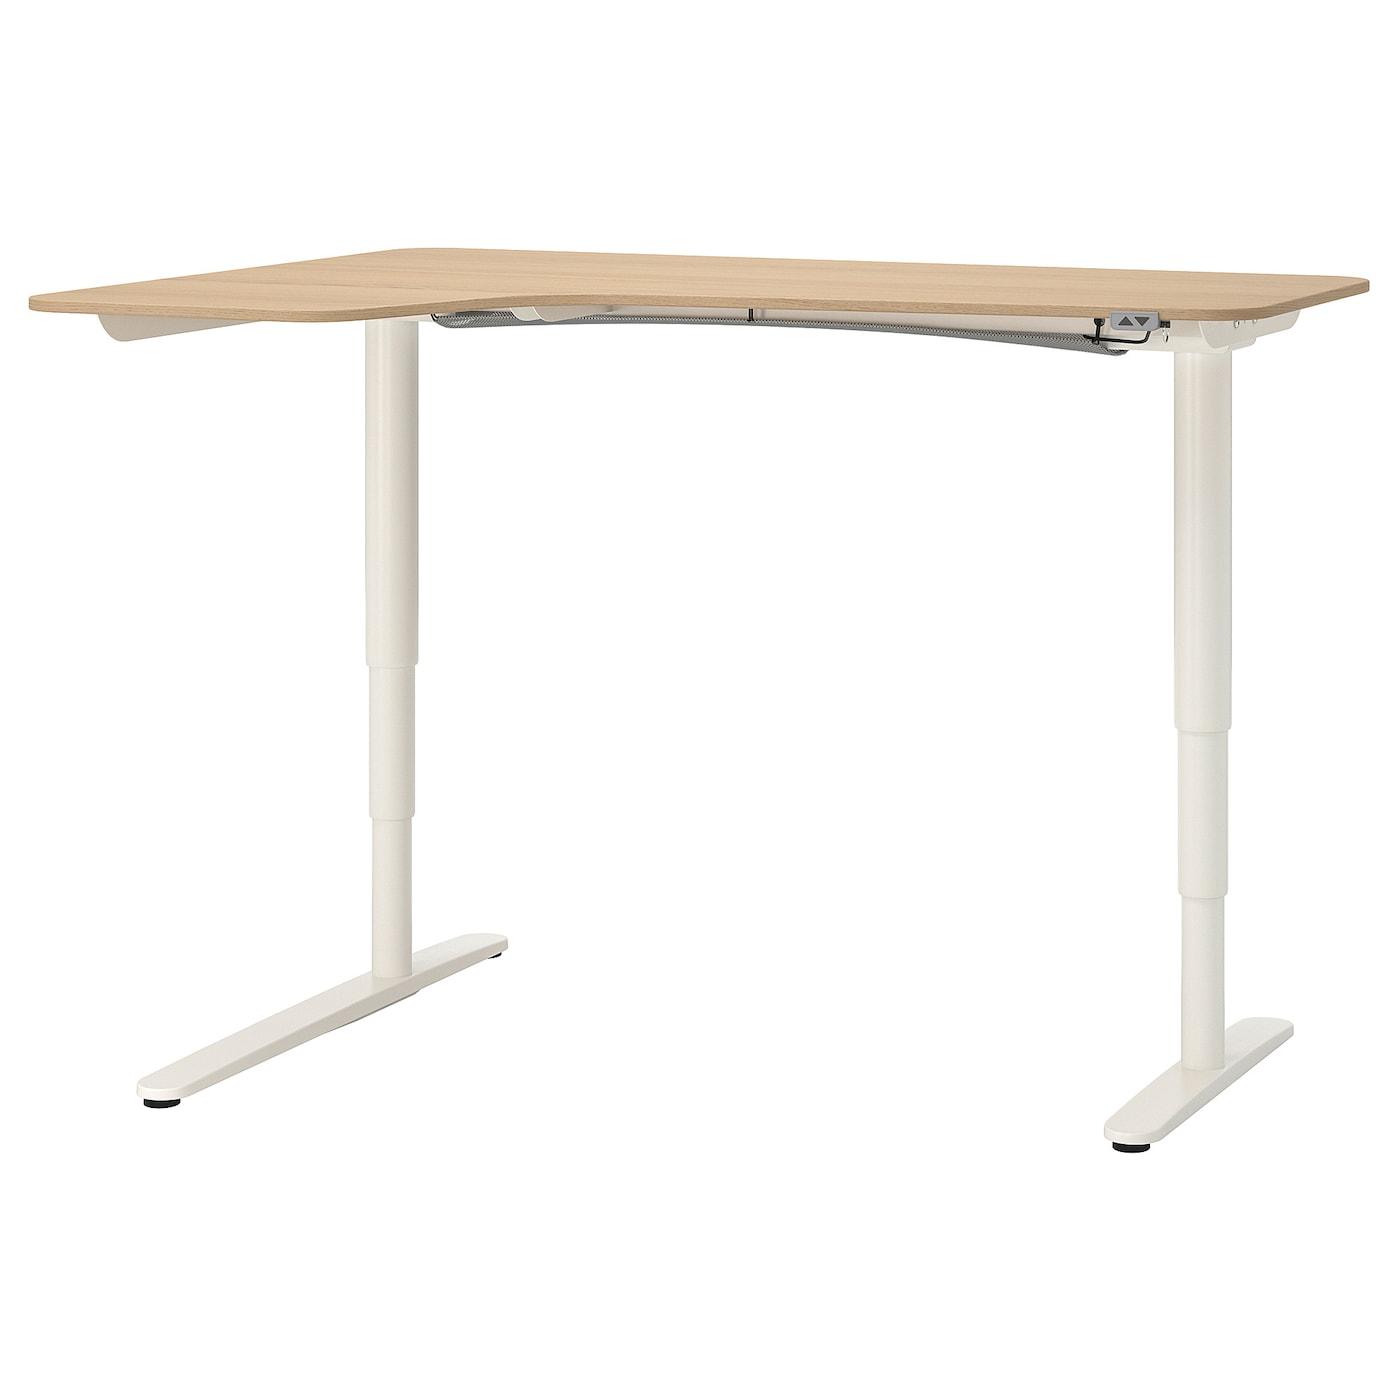 Bekant Corner Desk Left Sit Stand White Stained Oak Veneer White Ikea